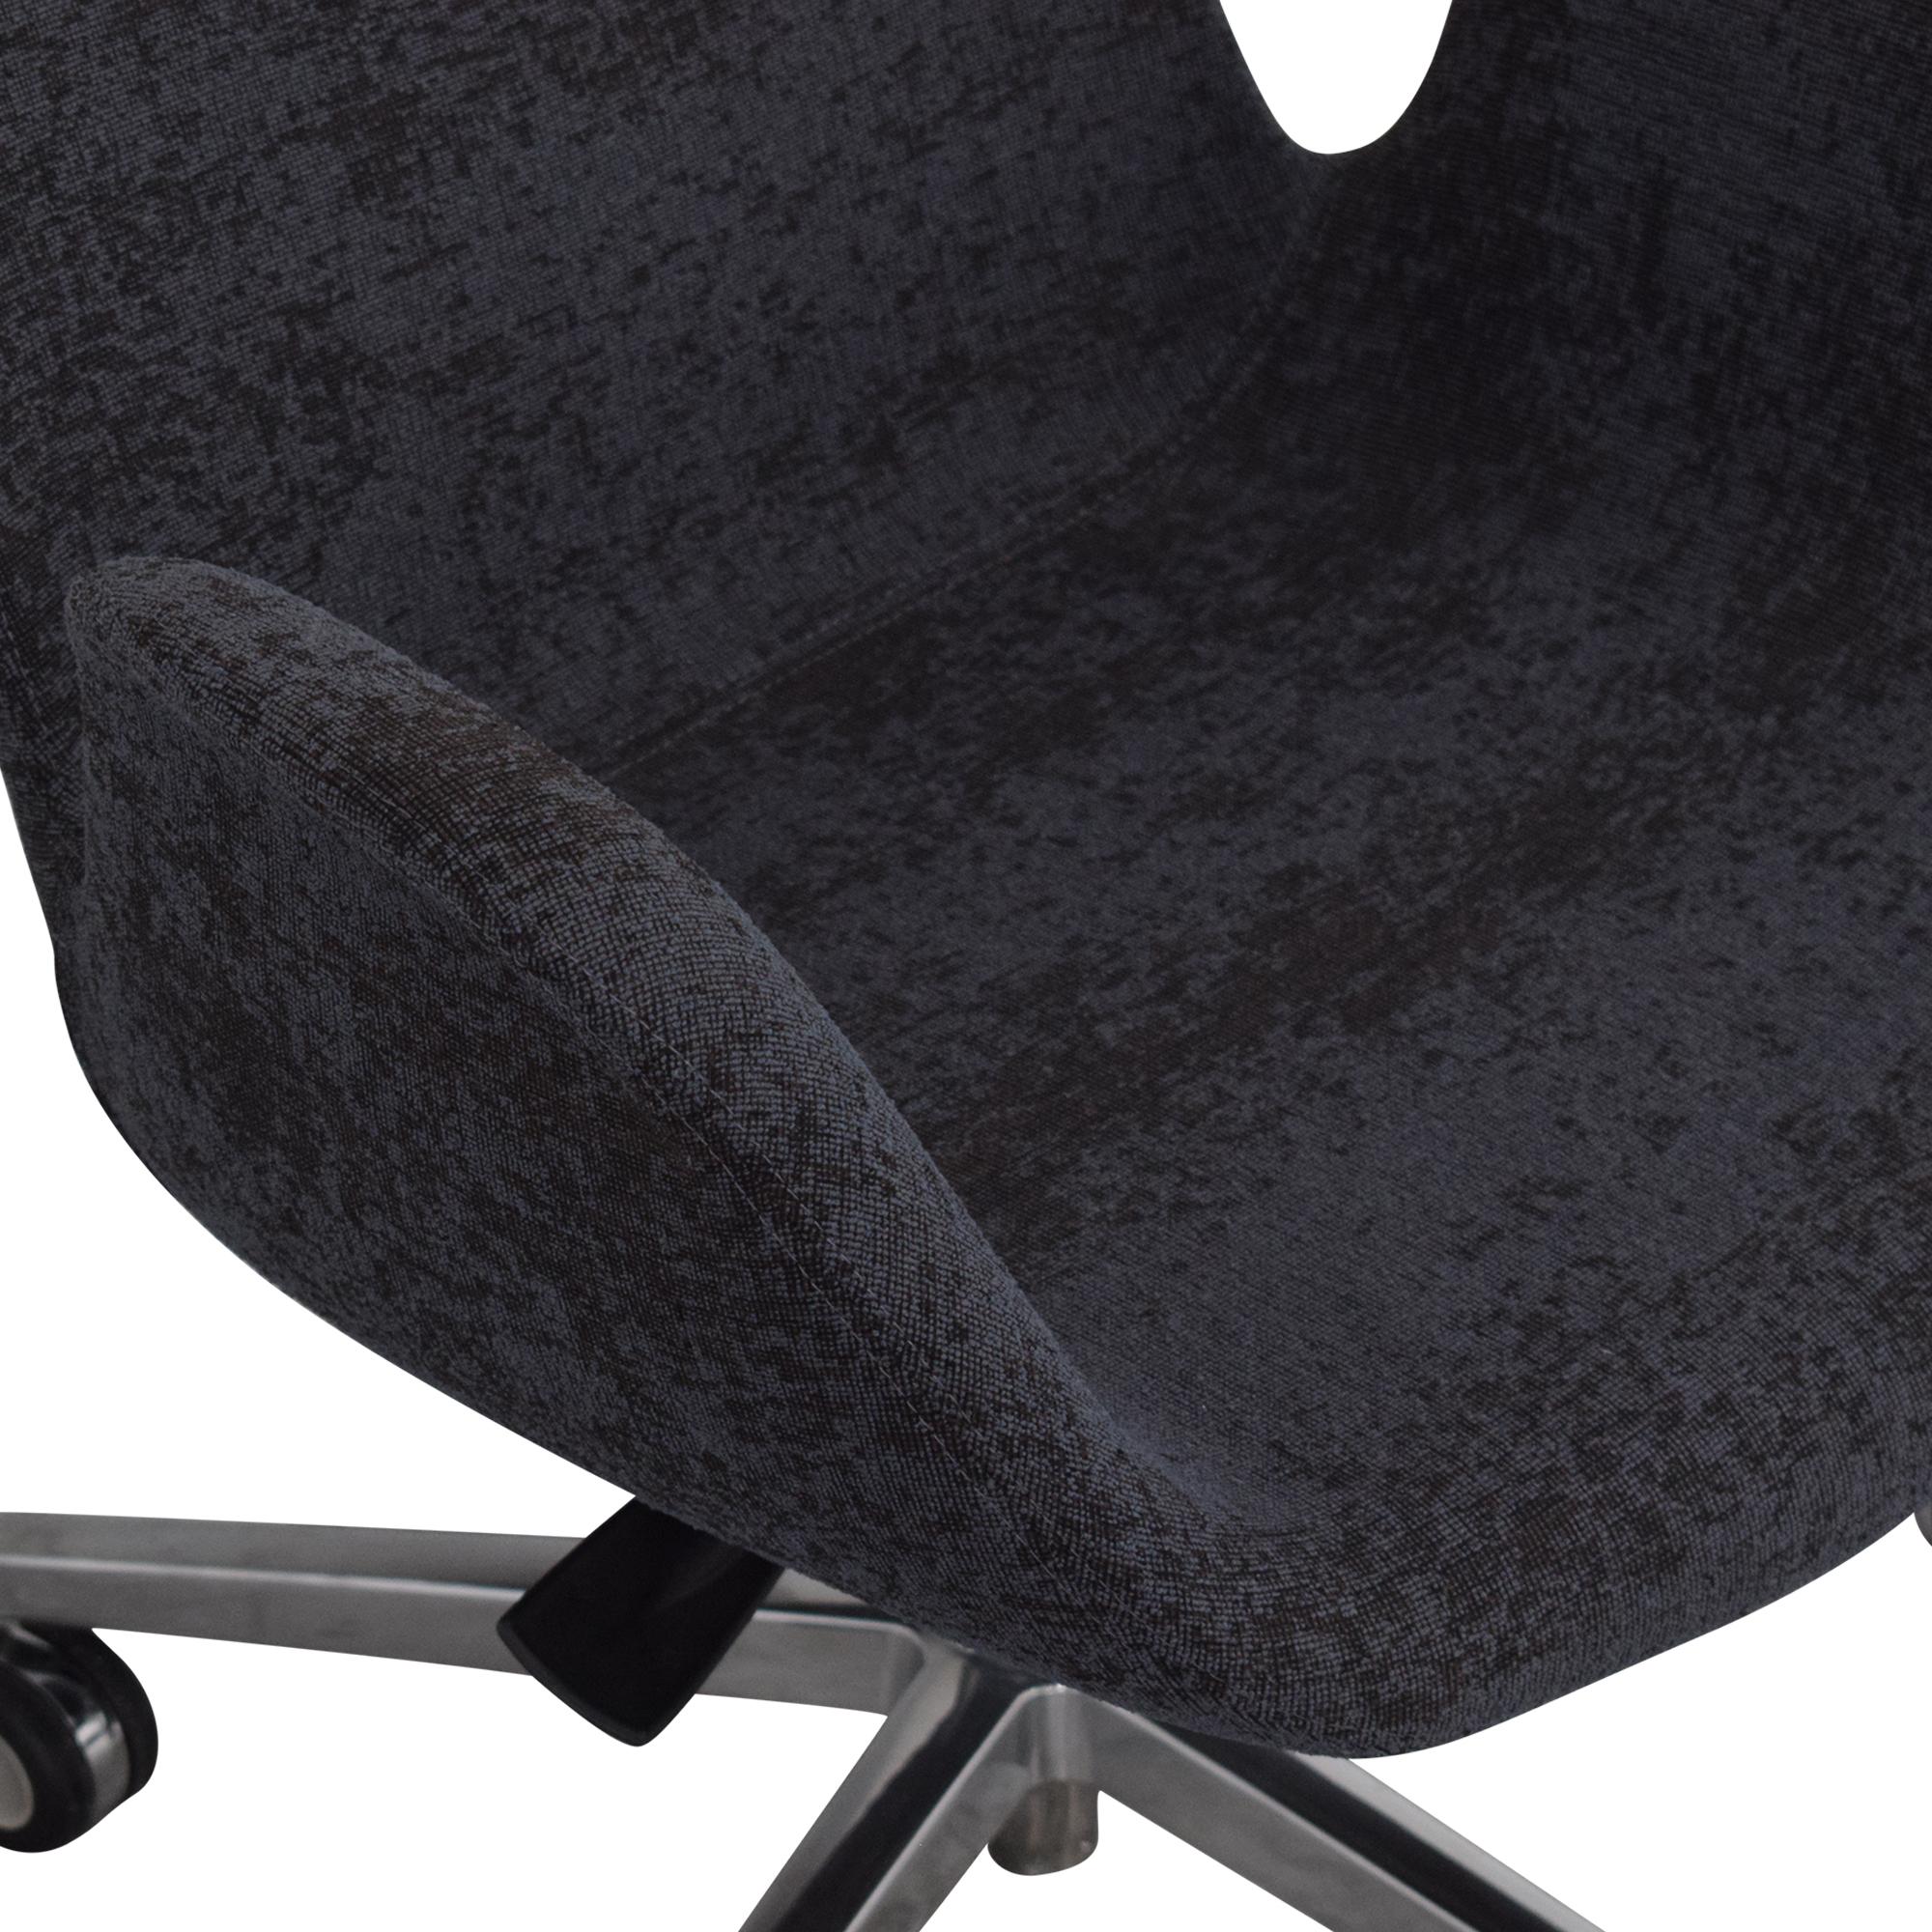 shop Koleksiyon Halia Operator Chair Koleksiyon Chairs